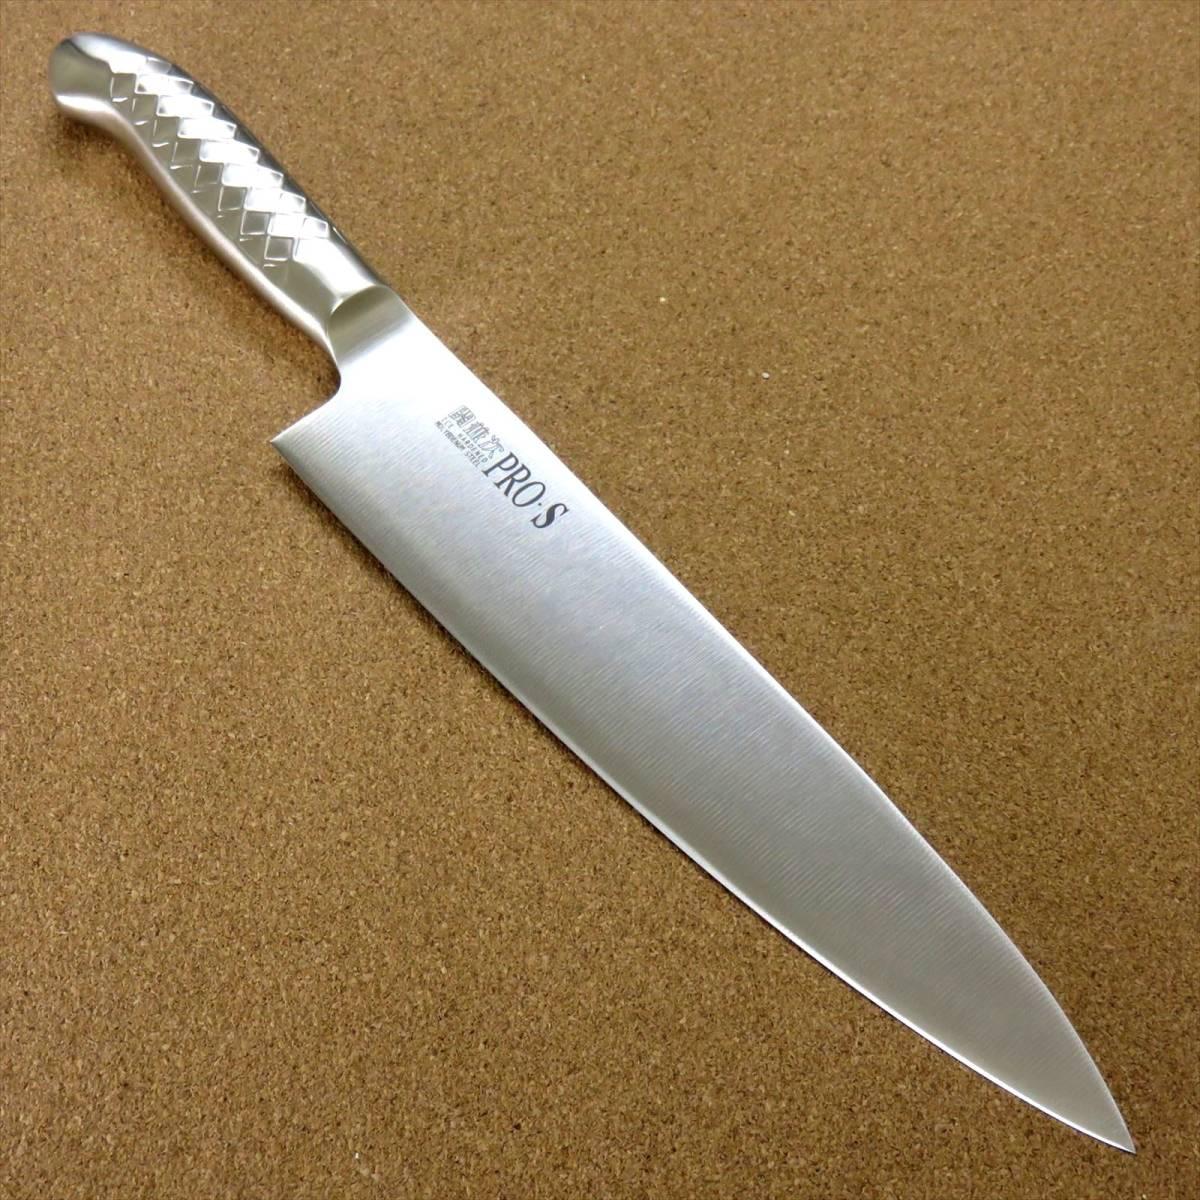 関の刃物 牛刀 24cm (240mm) PRO-S モリブデンスチール 1K-6 鍔付一体型包丁 家庭用の洋包丁 肉 魚 野菜切り パン切り 両刃万能包丁 日本製_画像1